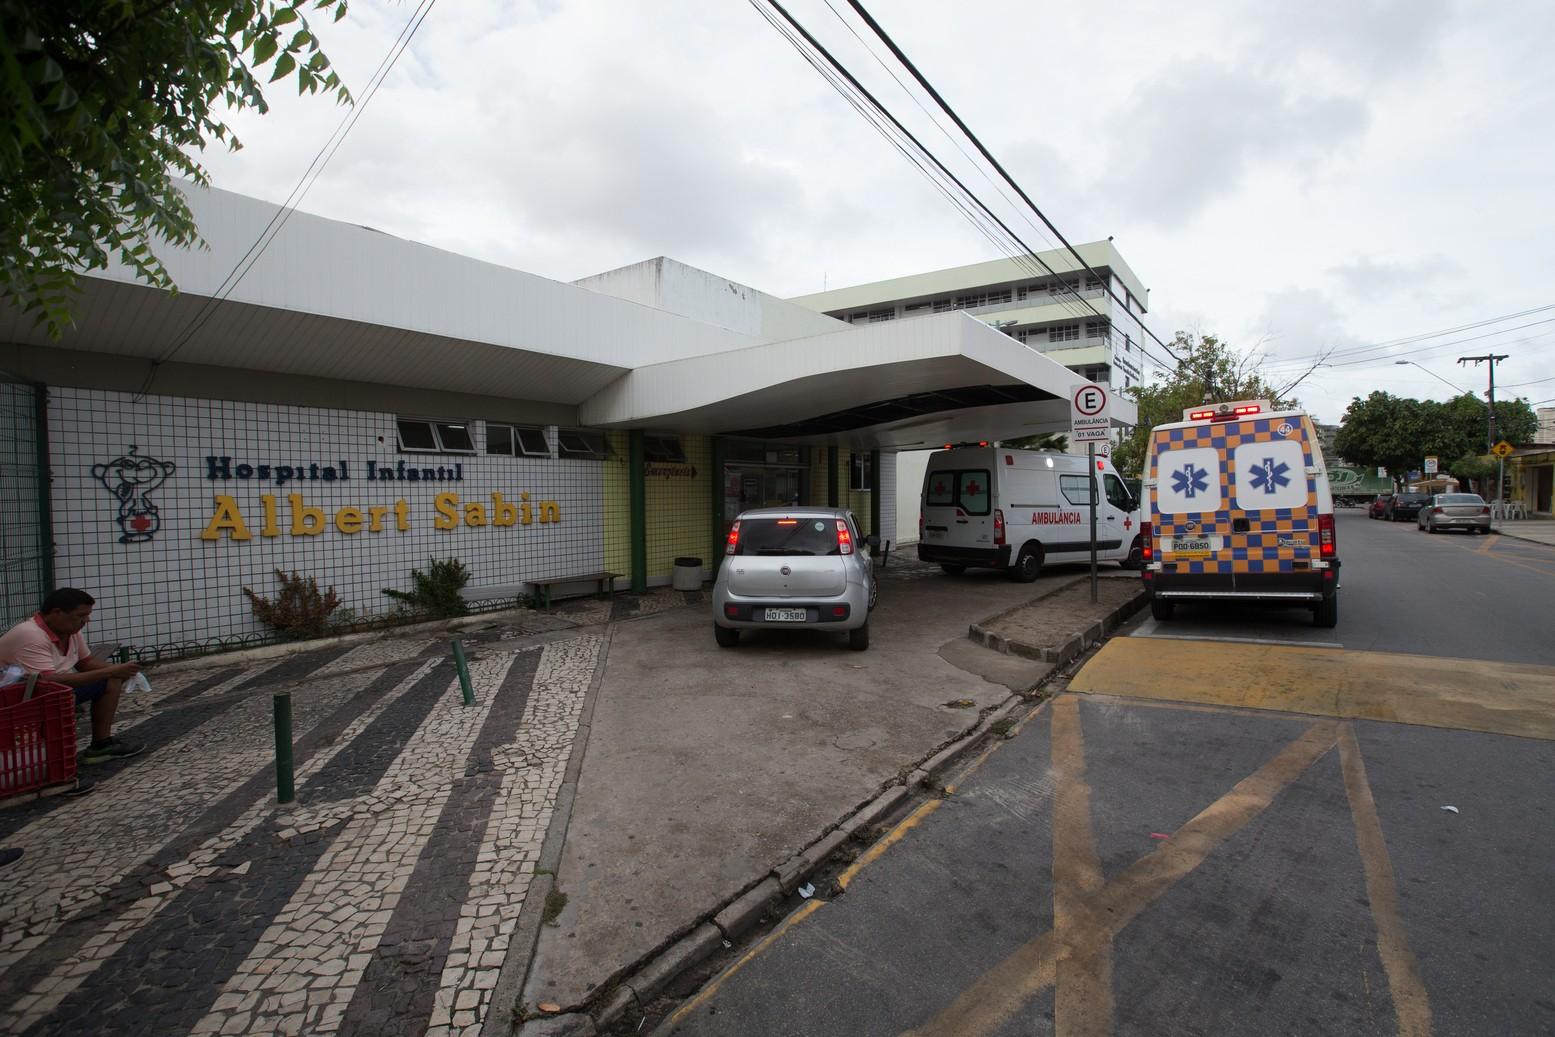 Hospital Infantil Albert Sabin atendeu cerca de 5 mil pacientes com doenças raras em 20 anos, no Ceará